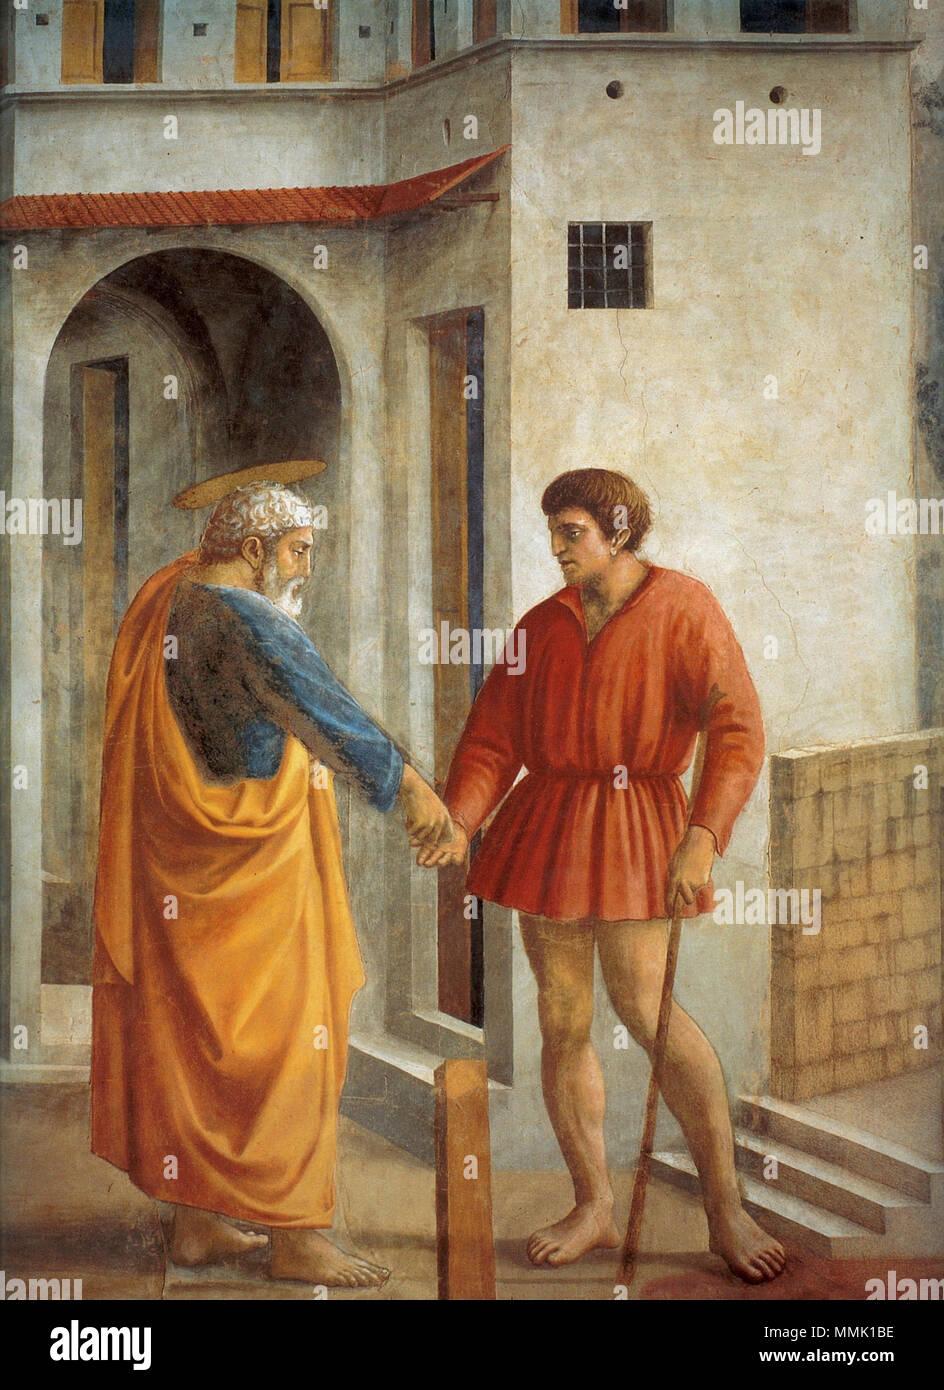 . detail (restaurato)  The Tribute Money. 1425. Cappella brancacci, Pagamento del tributo, dettaglio (restaurato), Masaccio - Stock Image